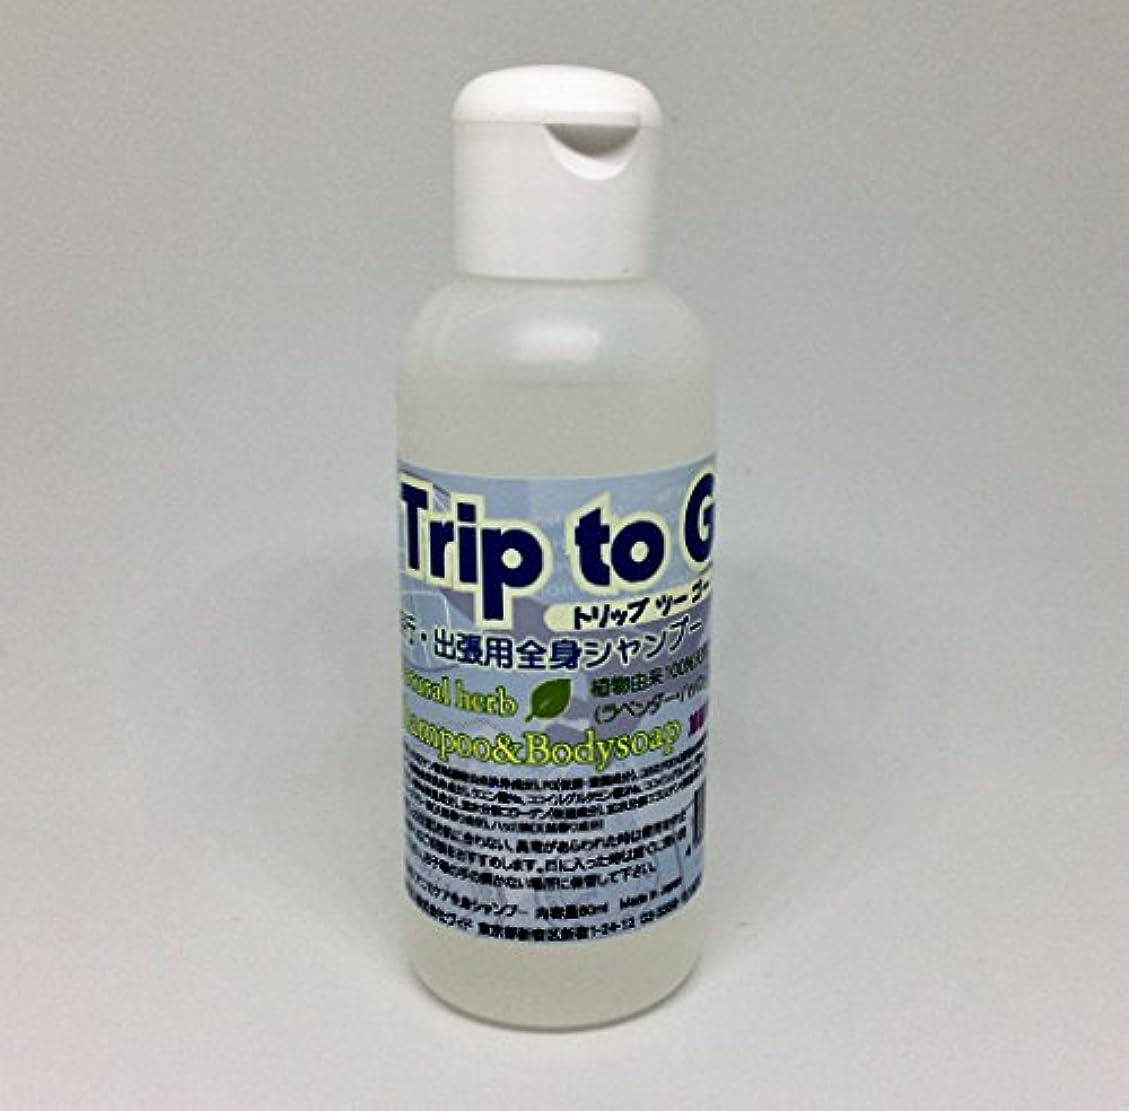 アミューズメロドラマティックアルカトラズ島Trip to Go(トリップツーゴー) 全身シャンプー 60ml 旅行/出張にコレ1本 ただいま送料無料です。